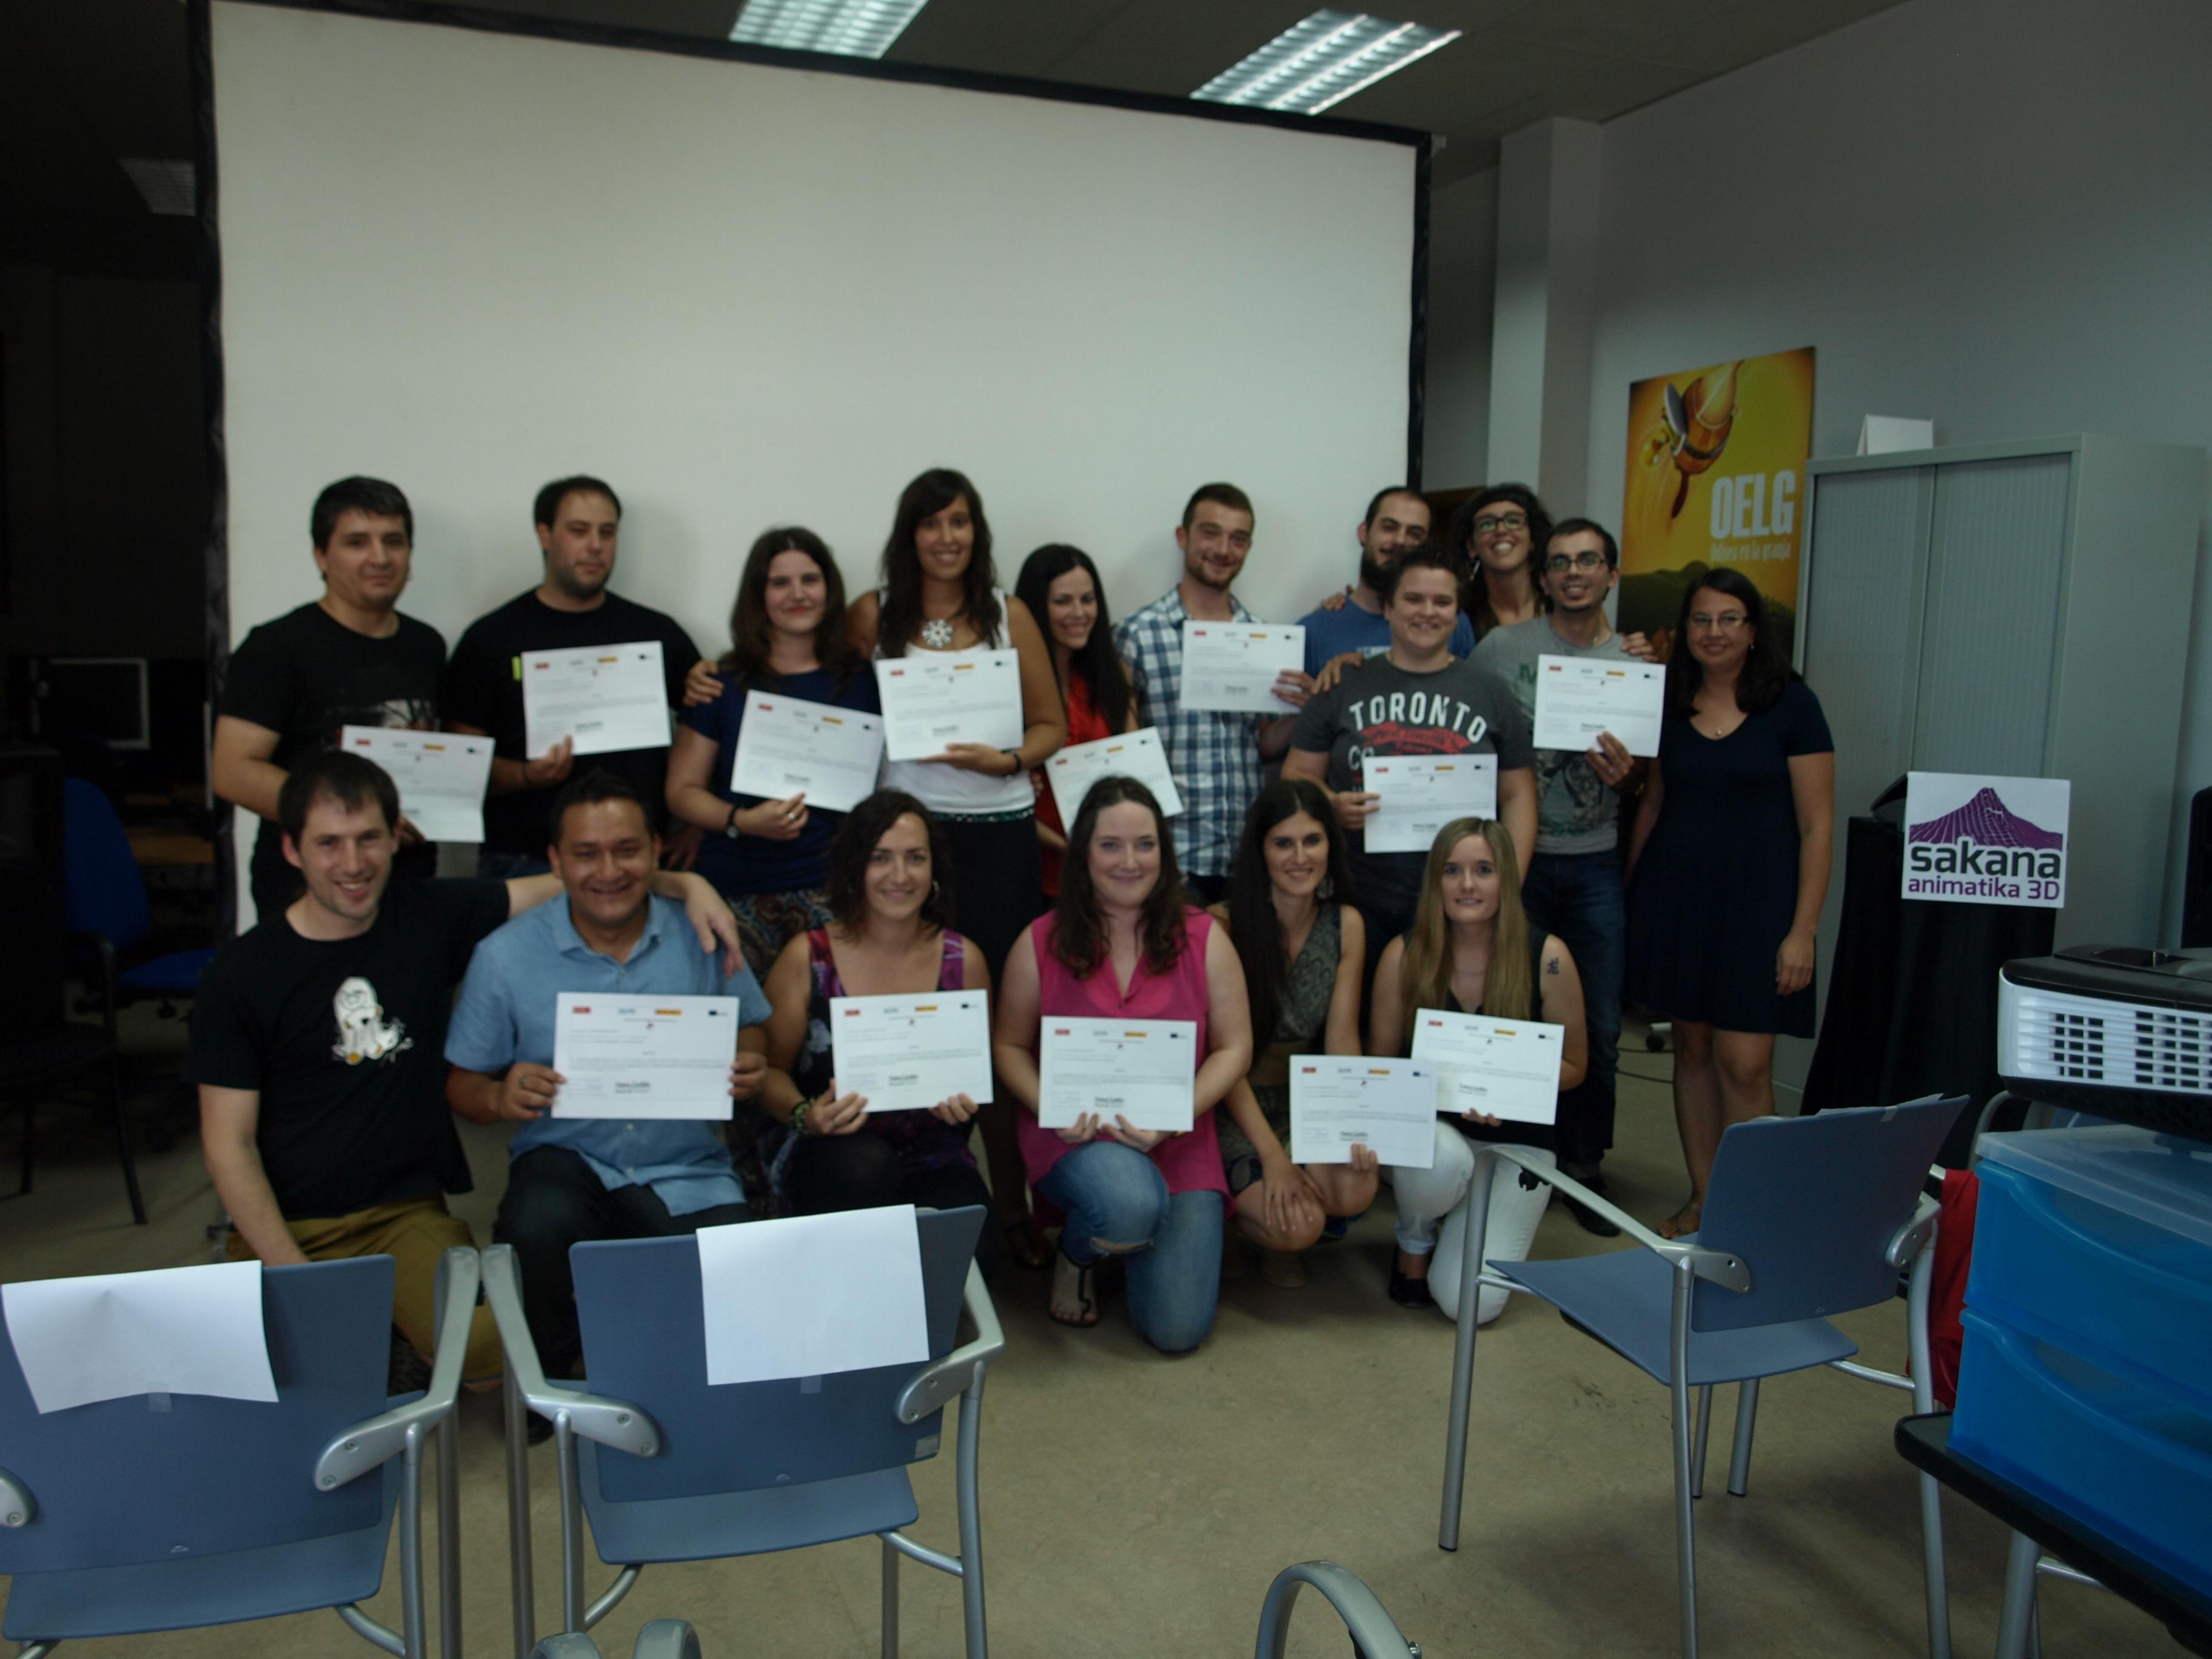 Foto de familia de participantes en Sakana Animatika 3D